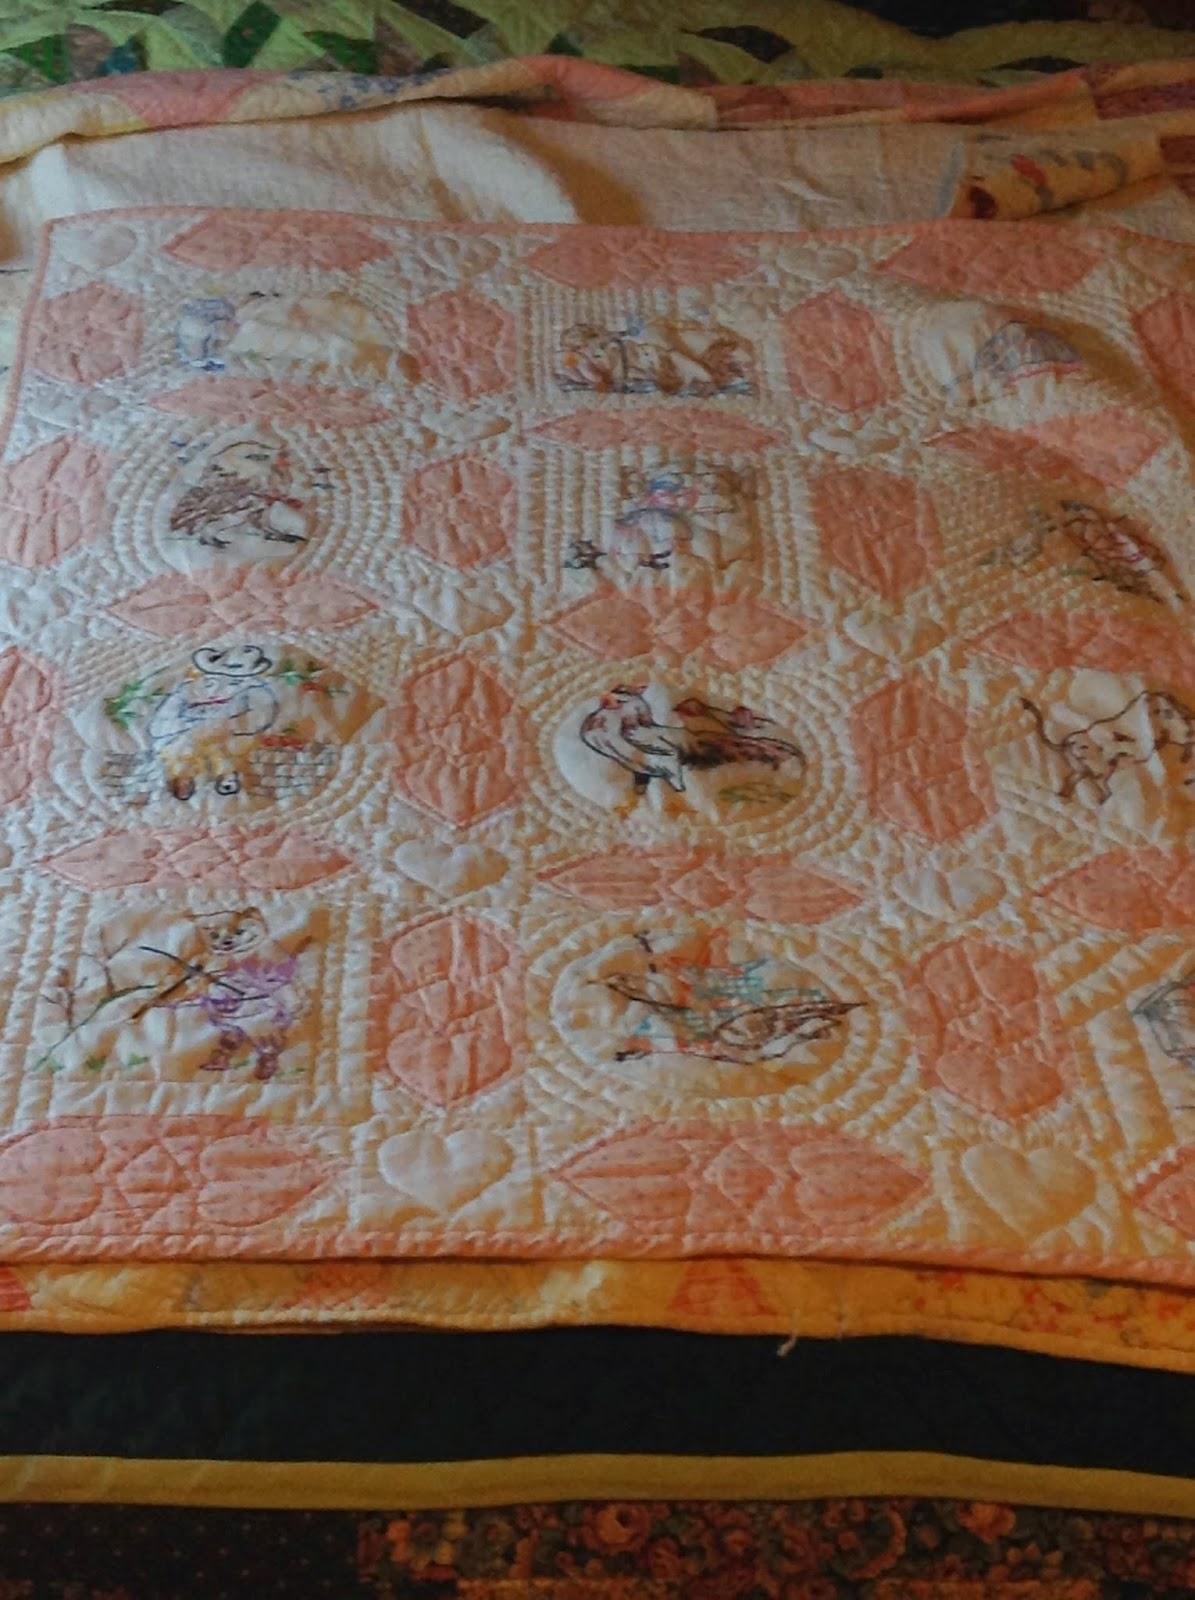 my mother pieced quilts Compre o livro a study guide for teresa palomo acosta'smy mother pieced quilts na amazoncombr: confira as ofertas para livros em inglês e importados.